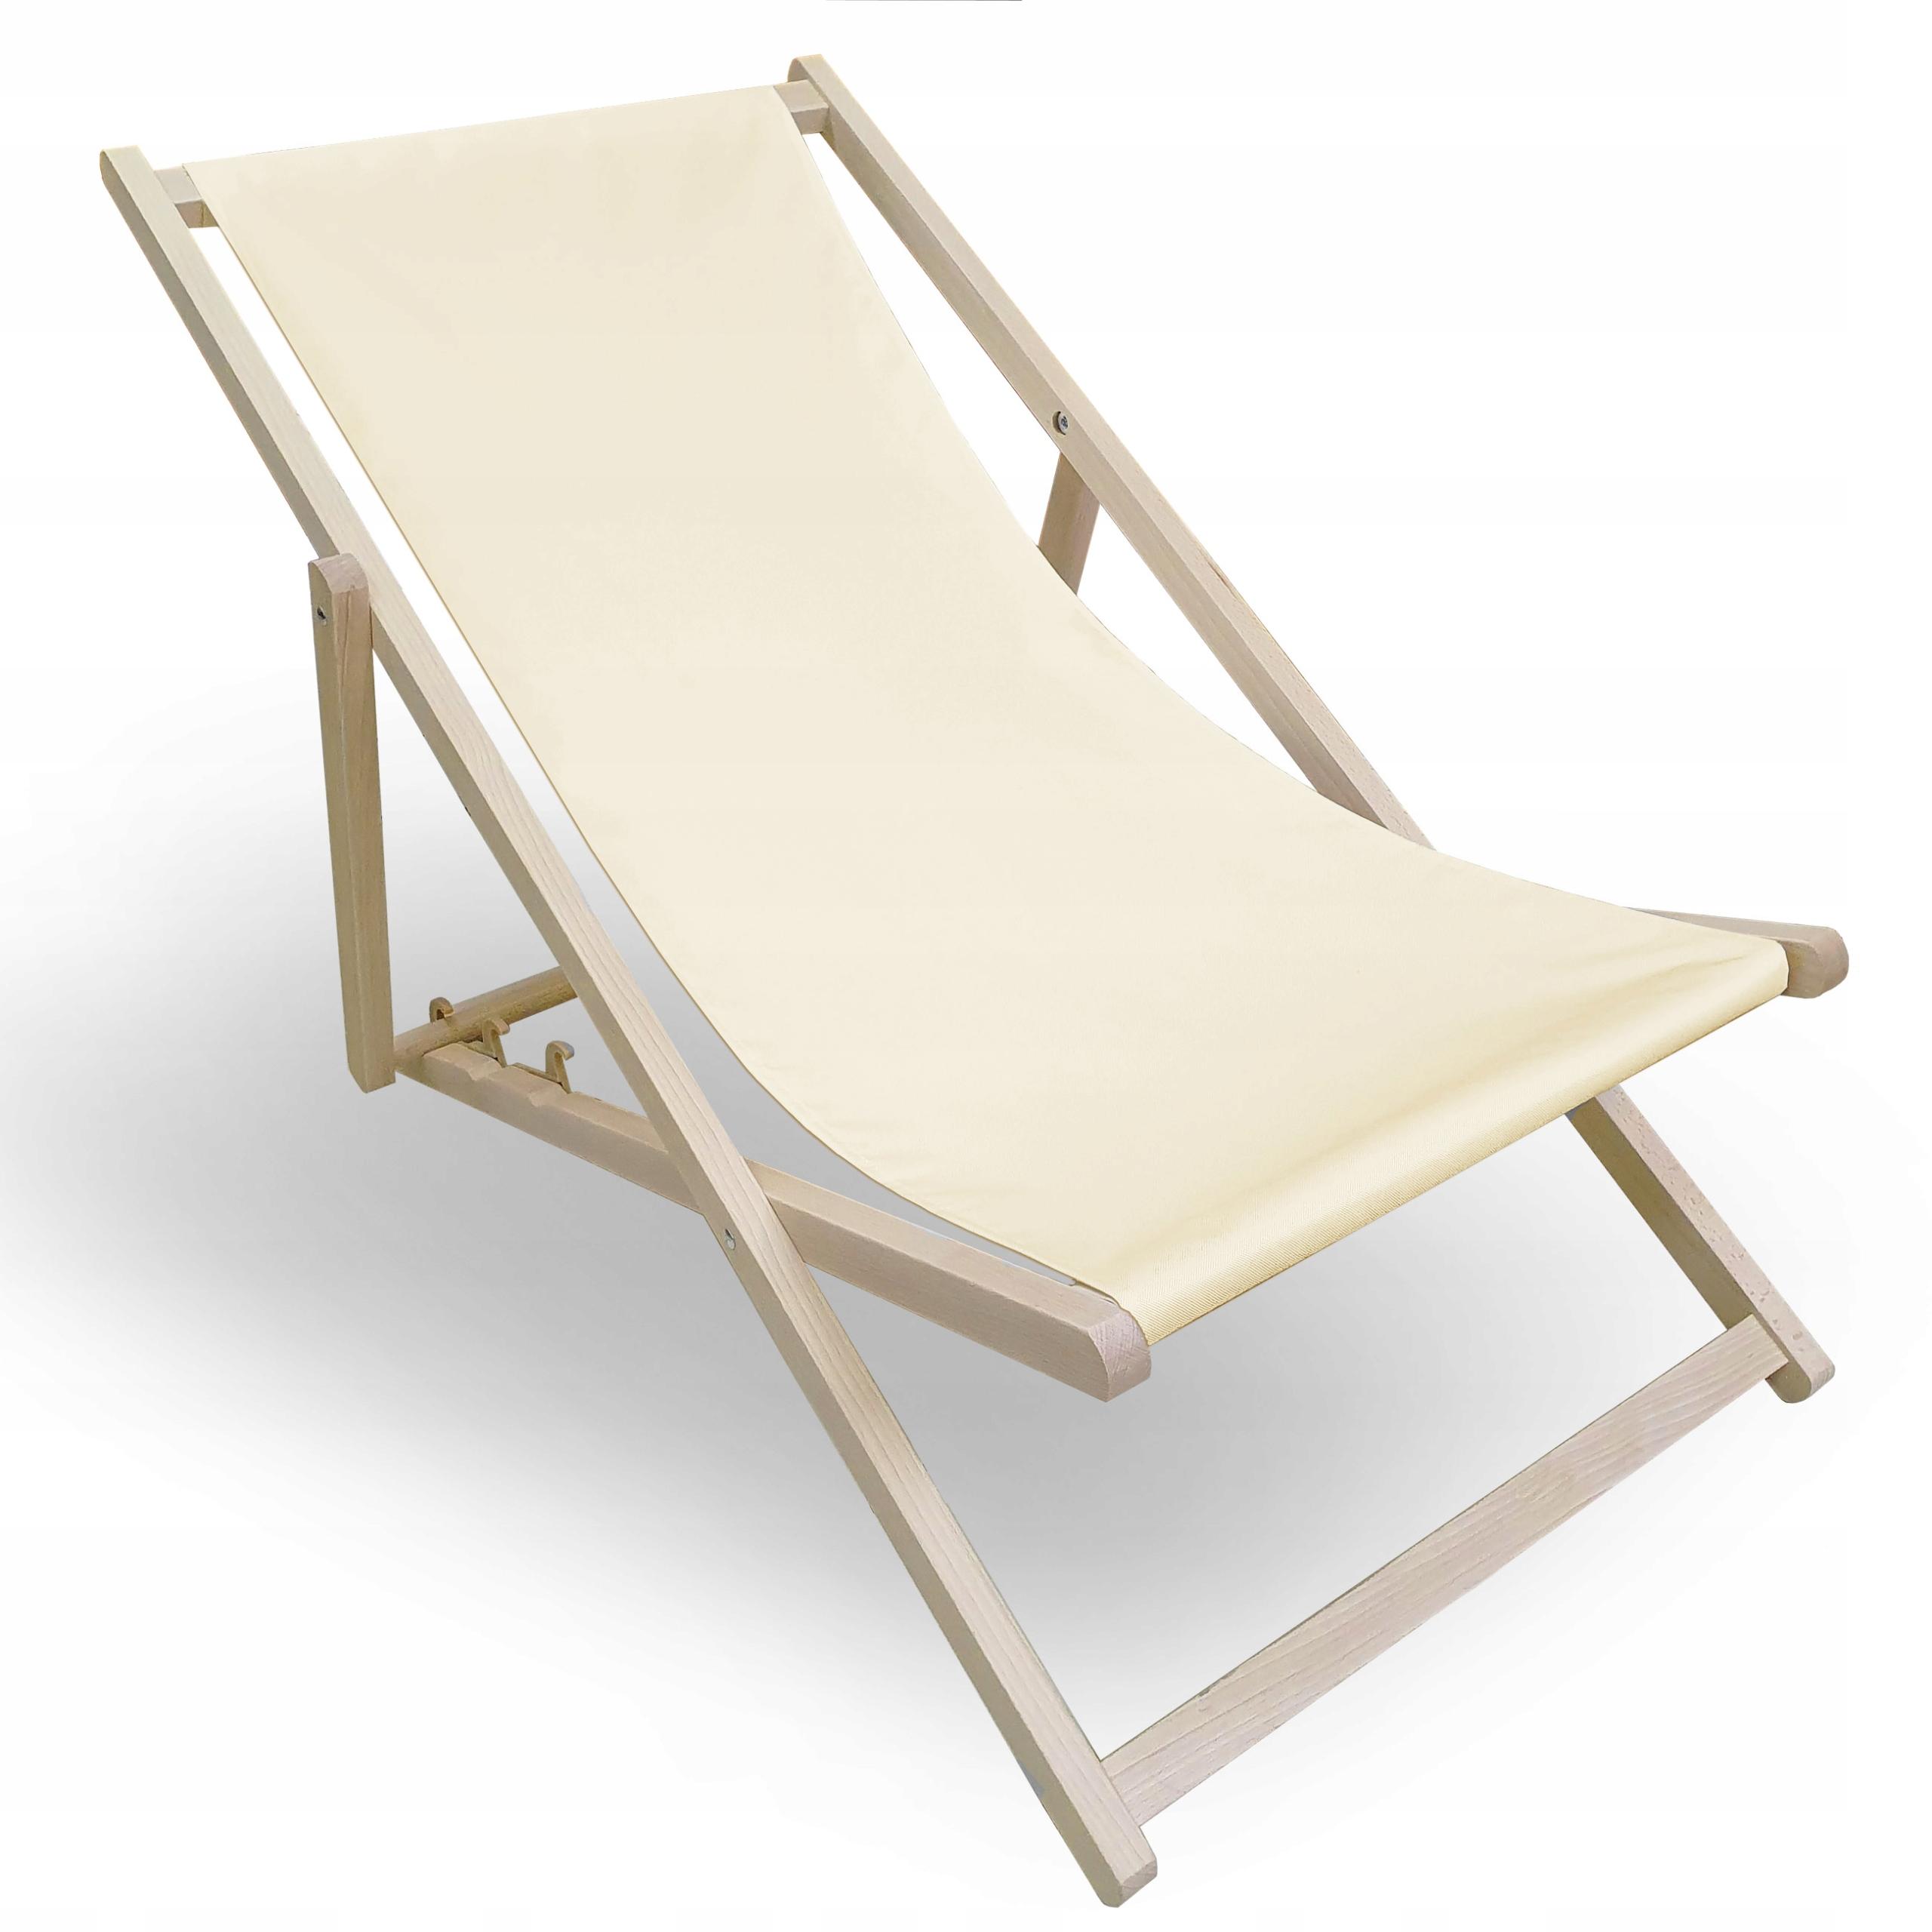 Lezak Drewniany Plazowy Ogrodowy Skladany Kolory 9008563048